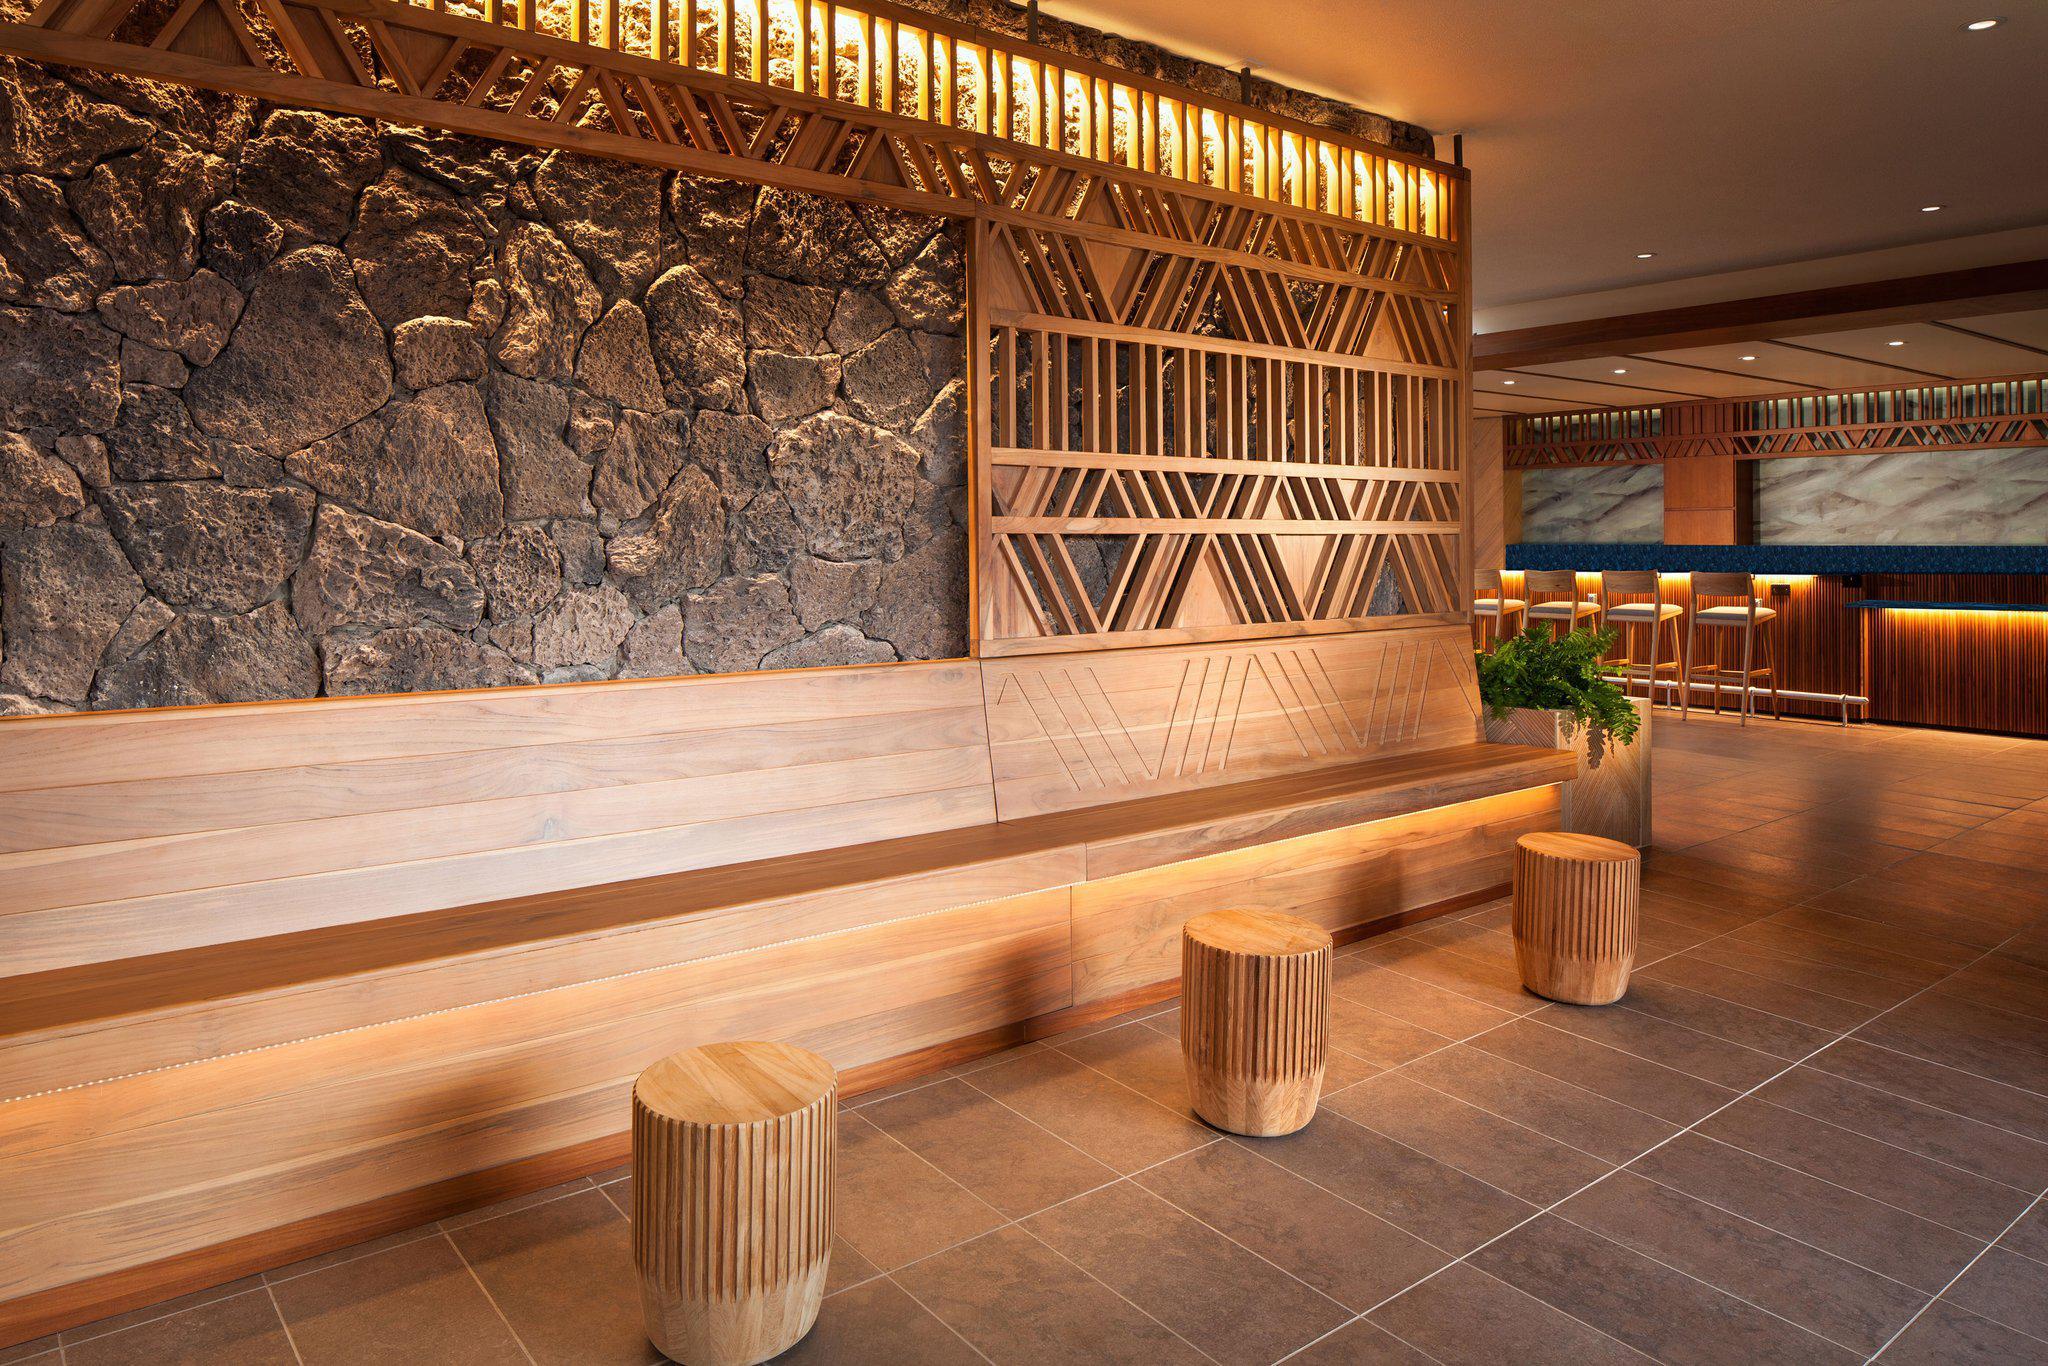 Sheraton Maui Resort & Spa in Maui, HI, photo #8